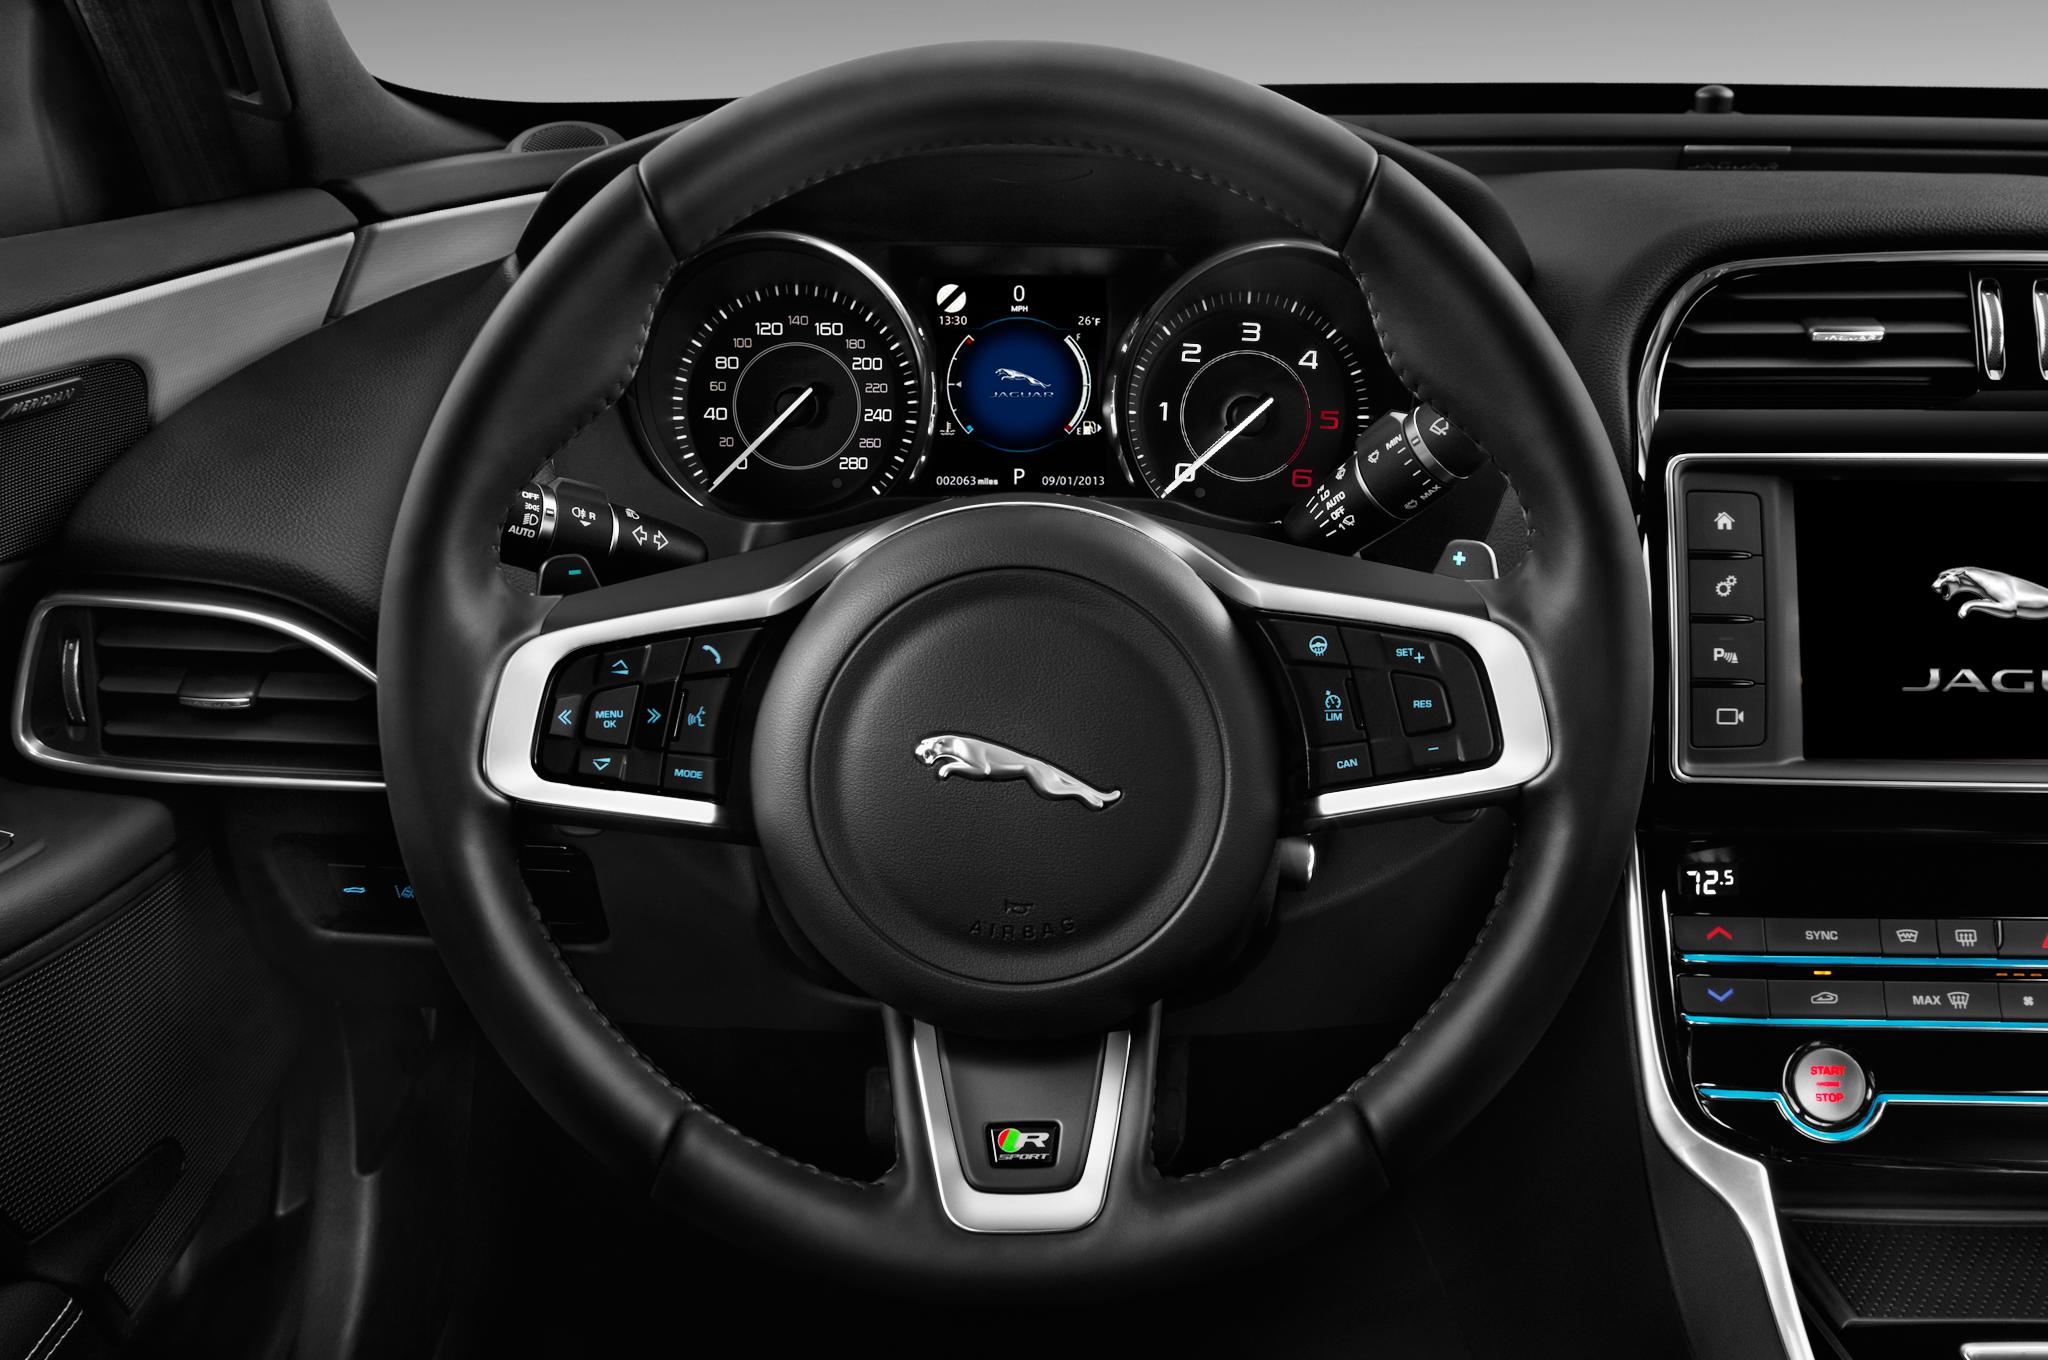 2017 Jaguar XE 35t R-Sport One Week Review | Automobile ...